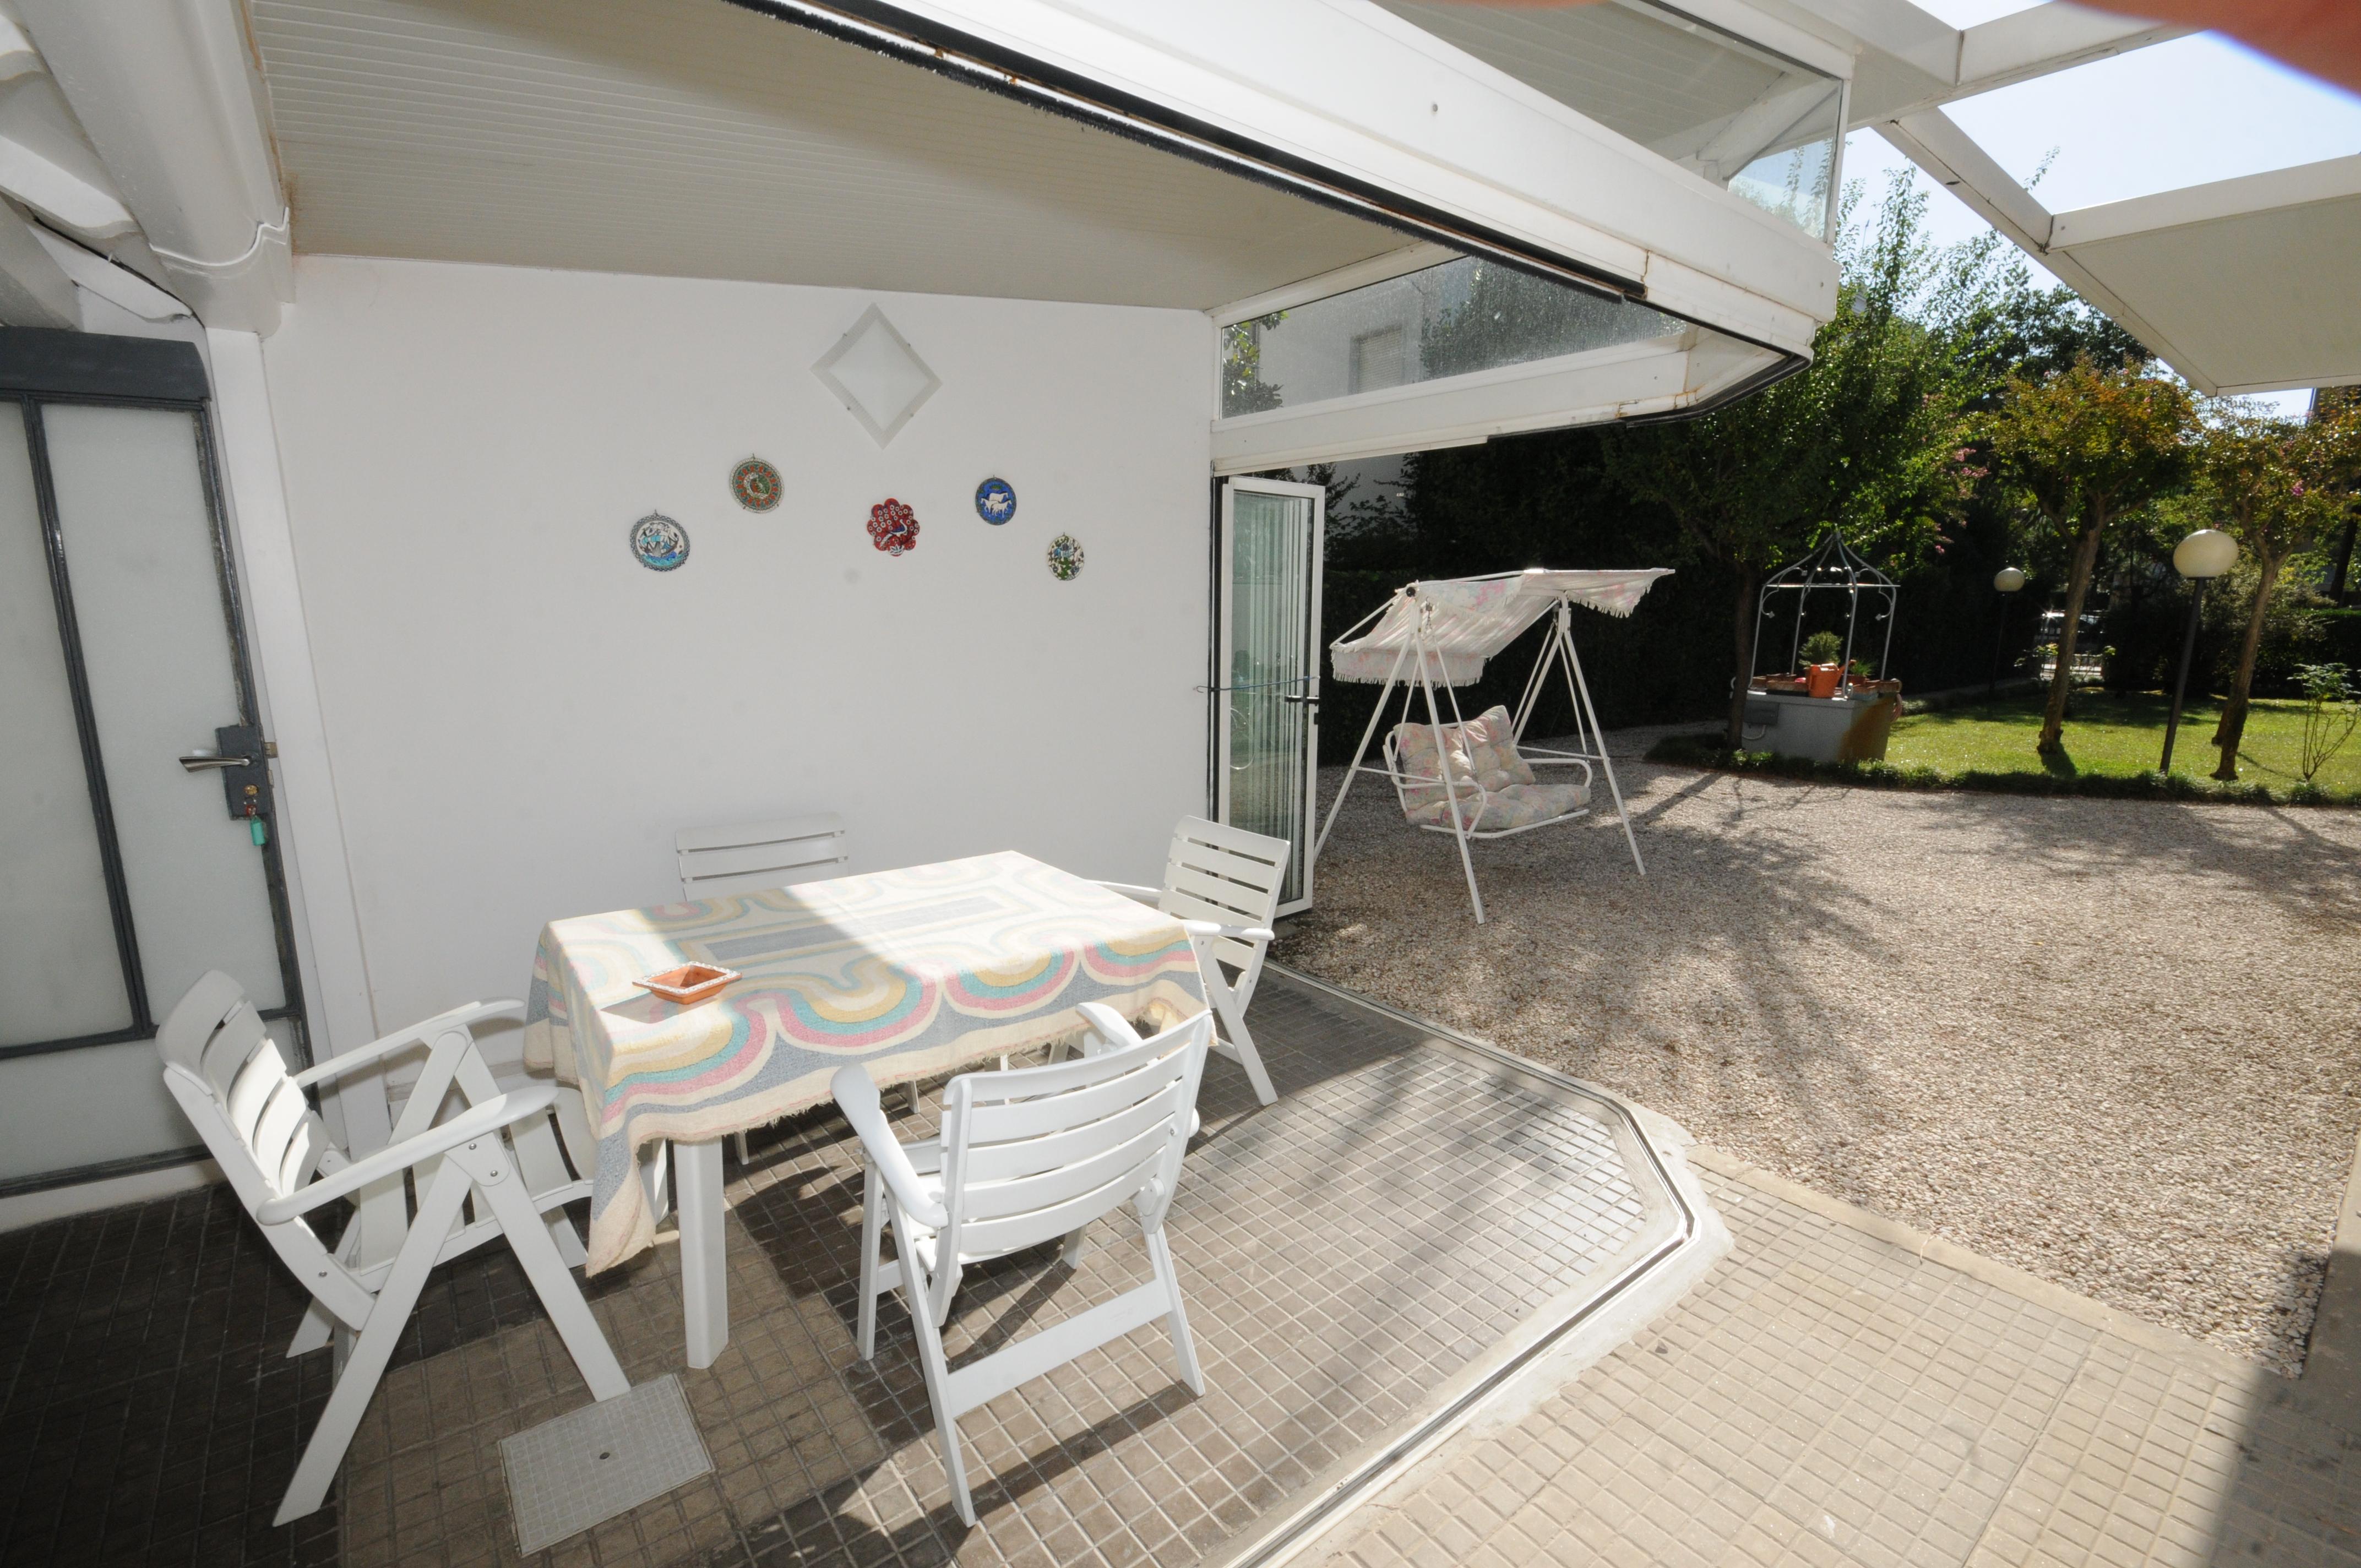 RICCIONE ABISSINIA/CENTRO, Appartamento in affitto stagionale con giardino